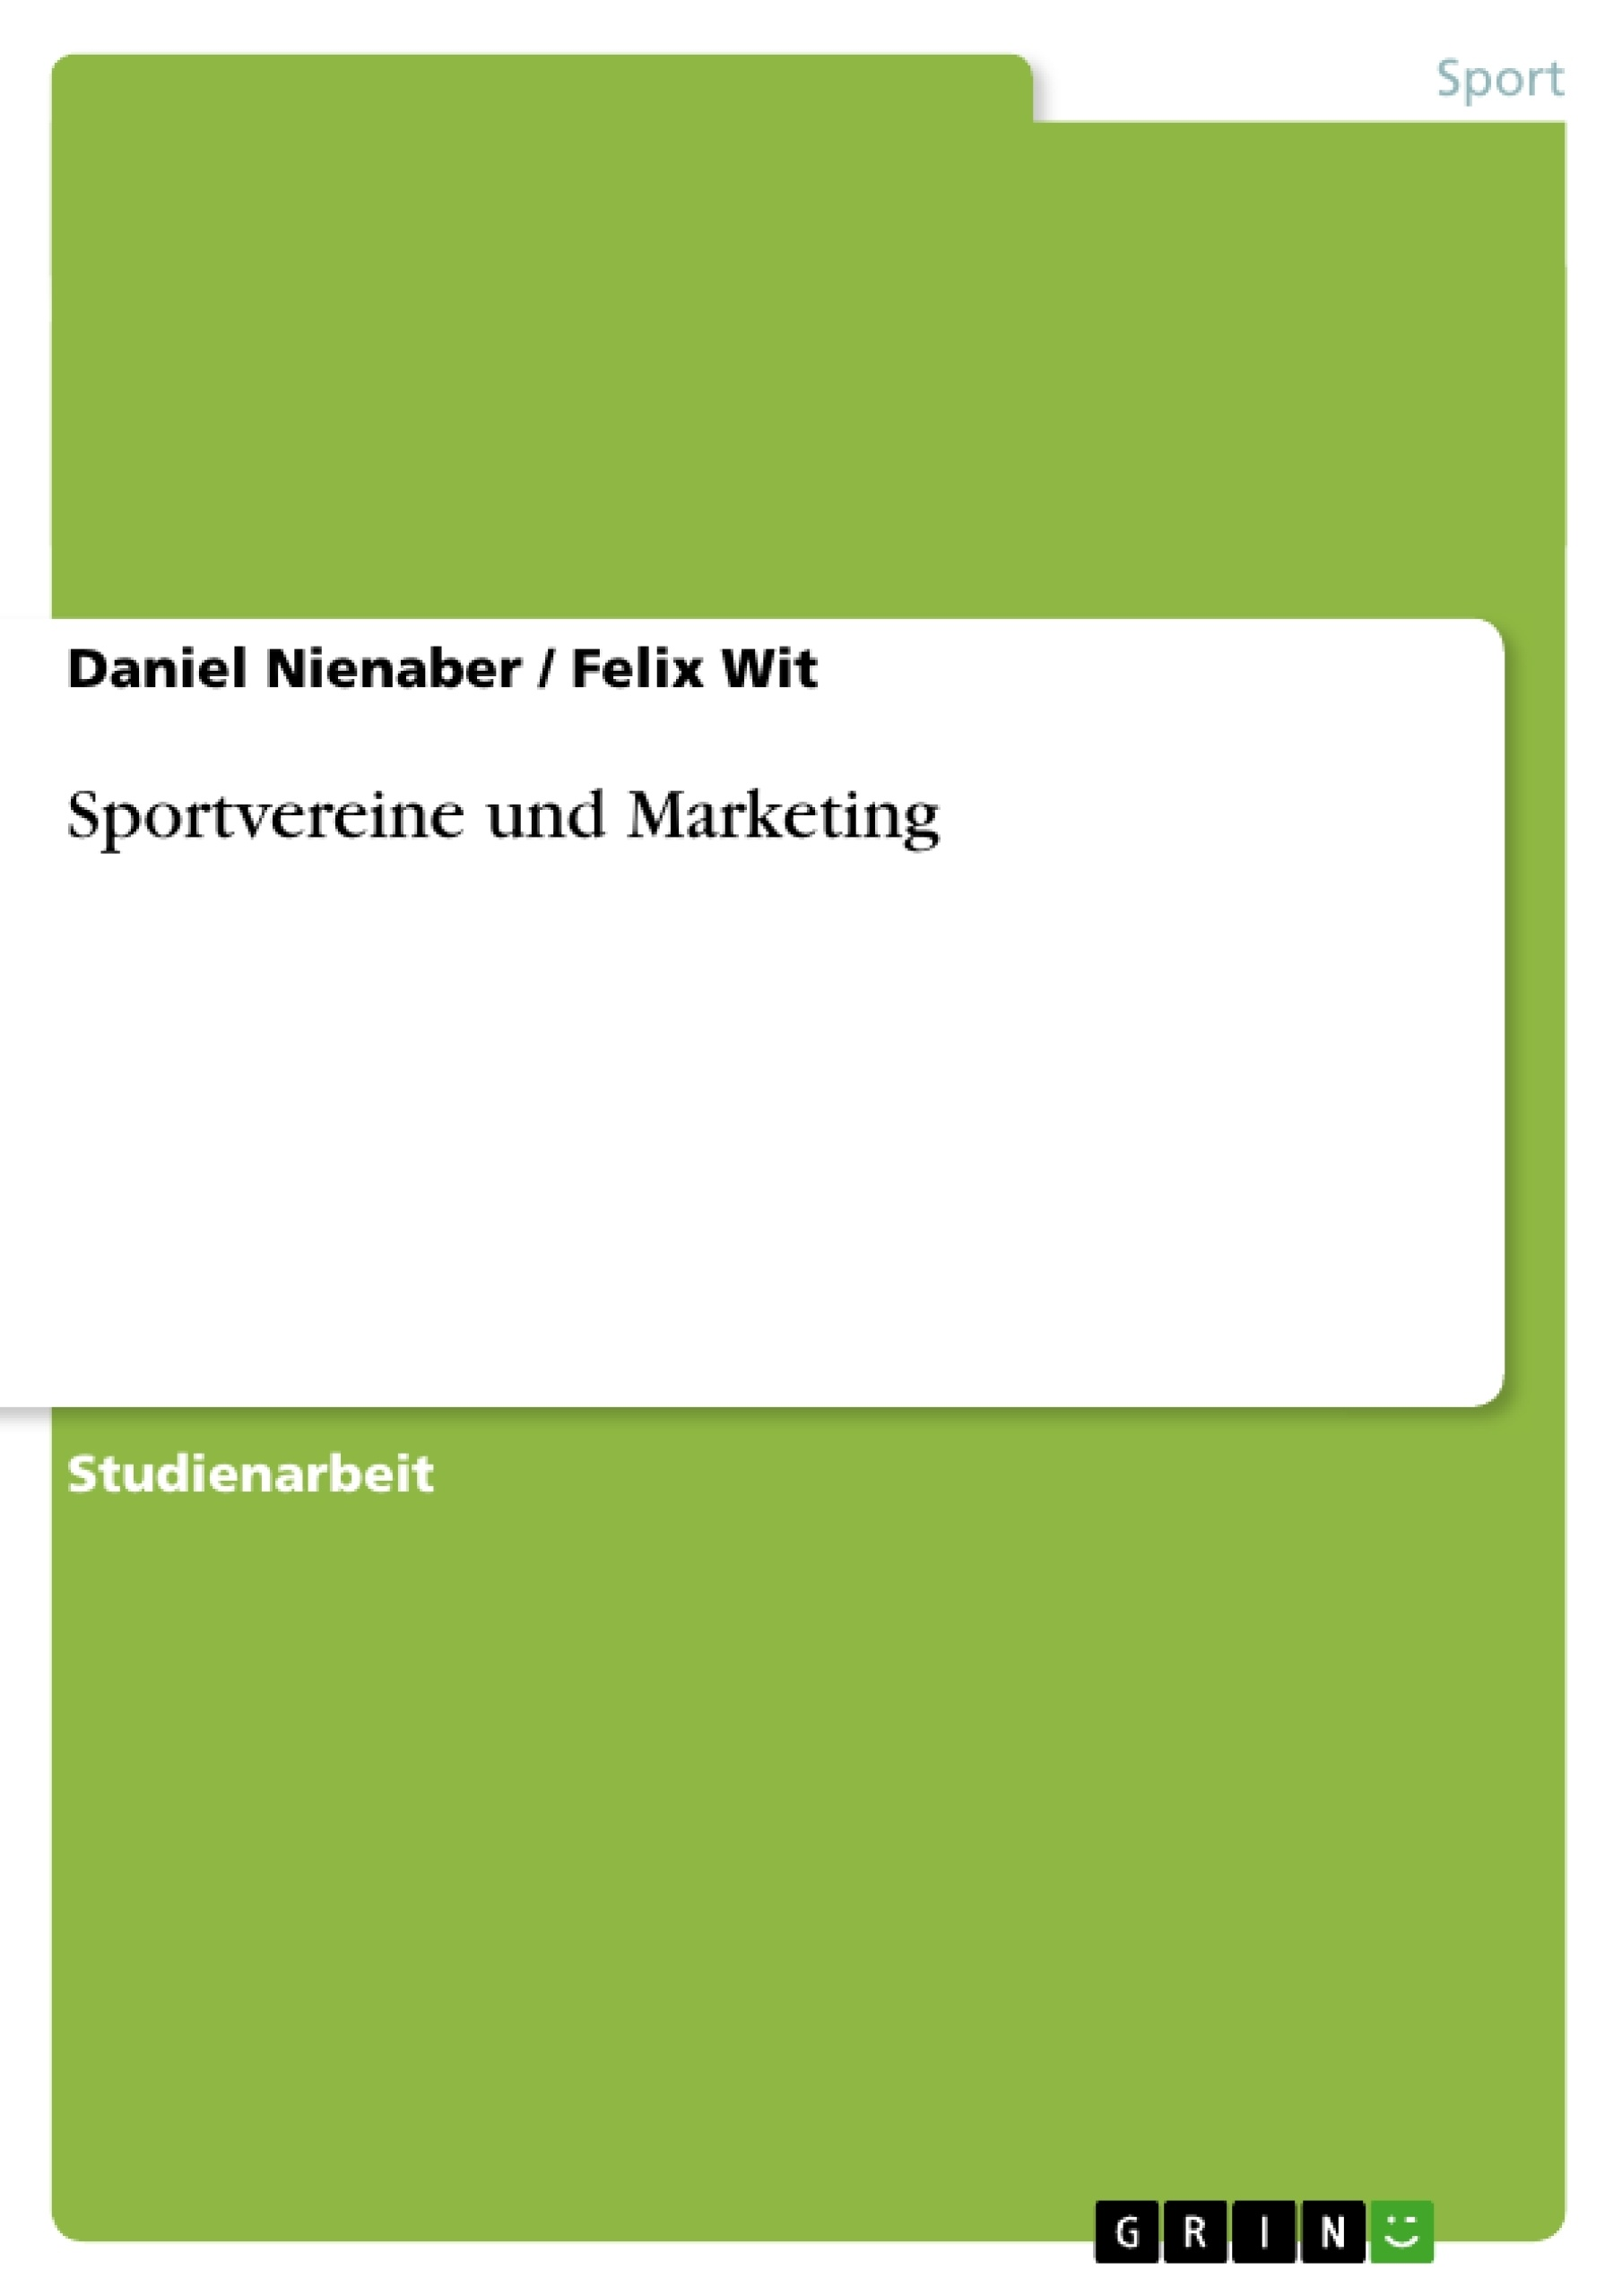 Titel: Sportvereine und Marketing